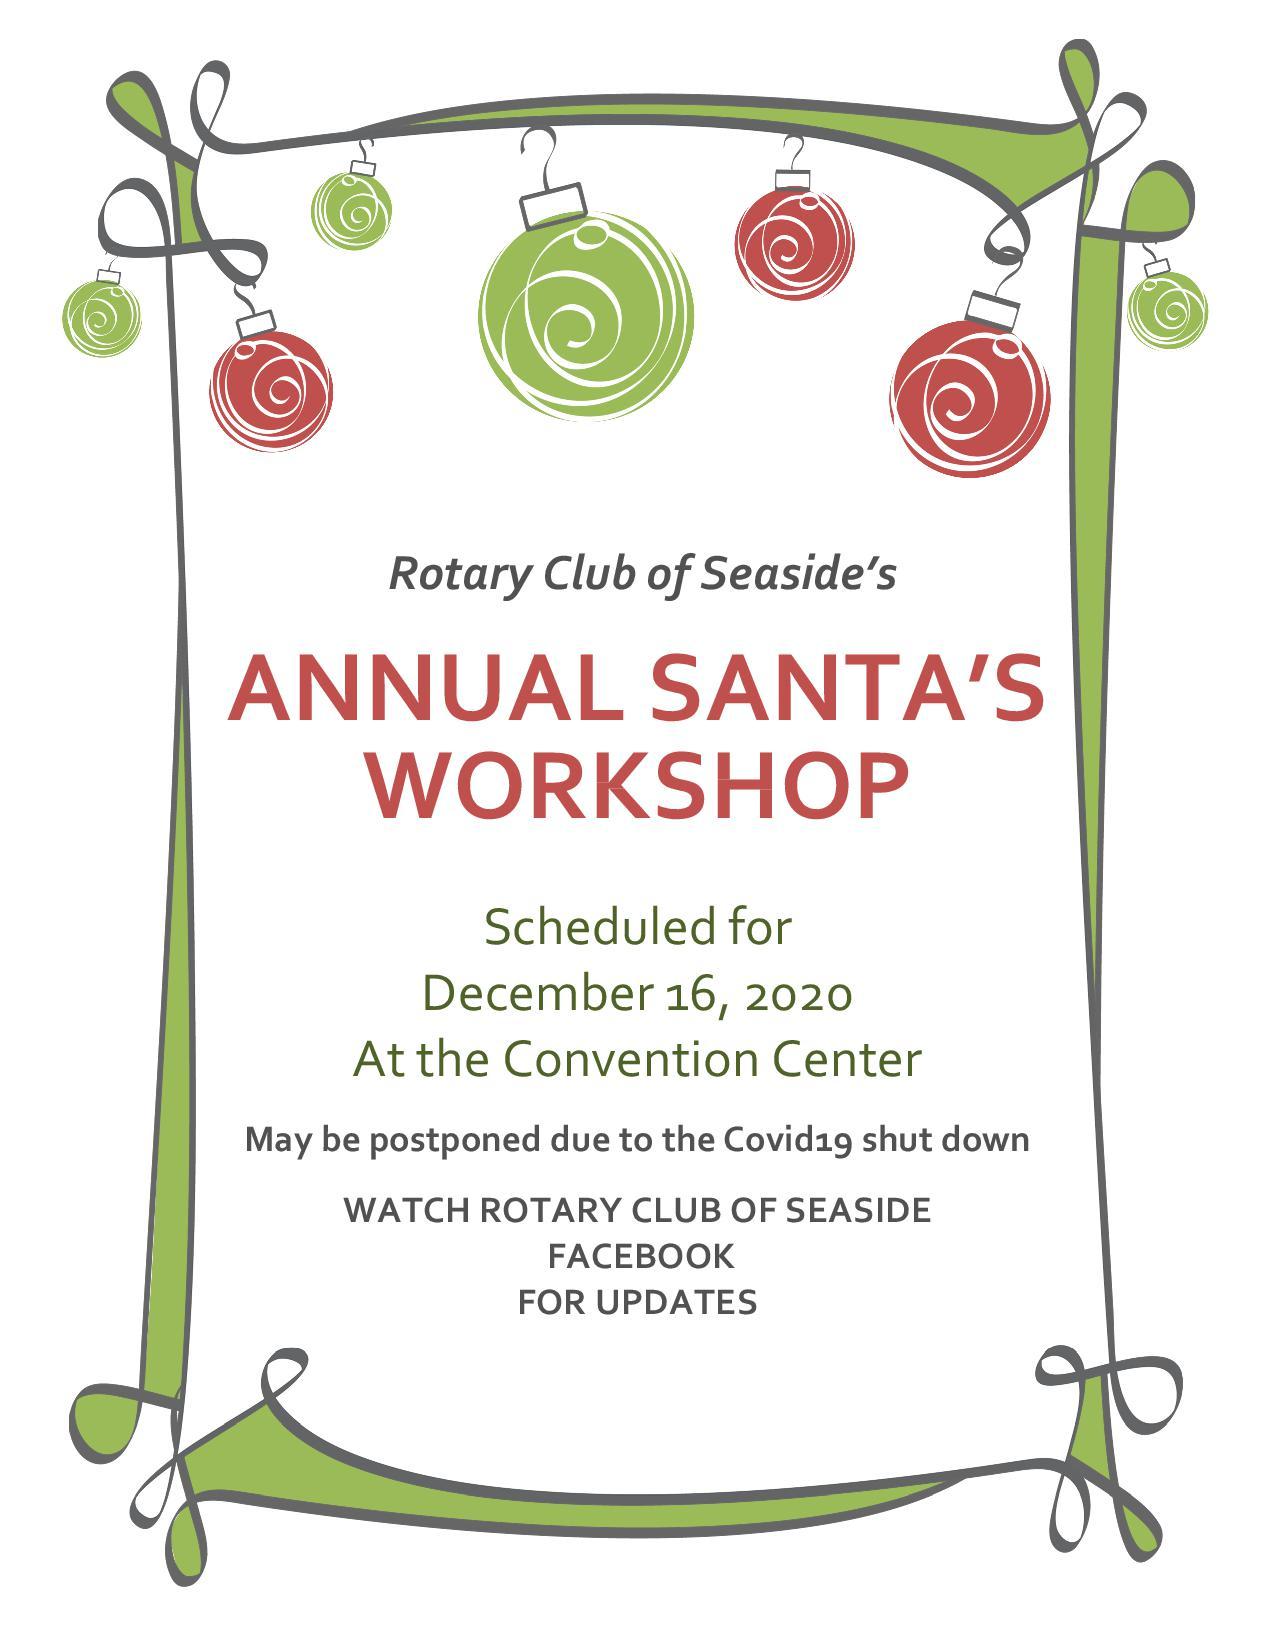 Santas-Workshop-flyer-2020.jpg